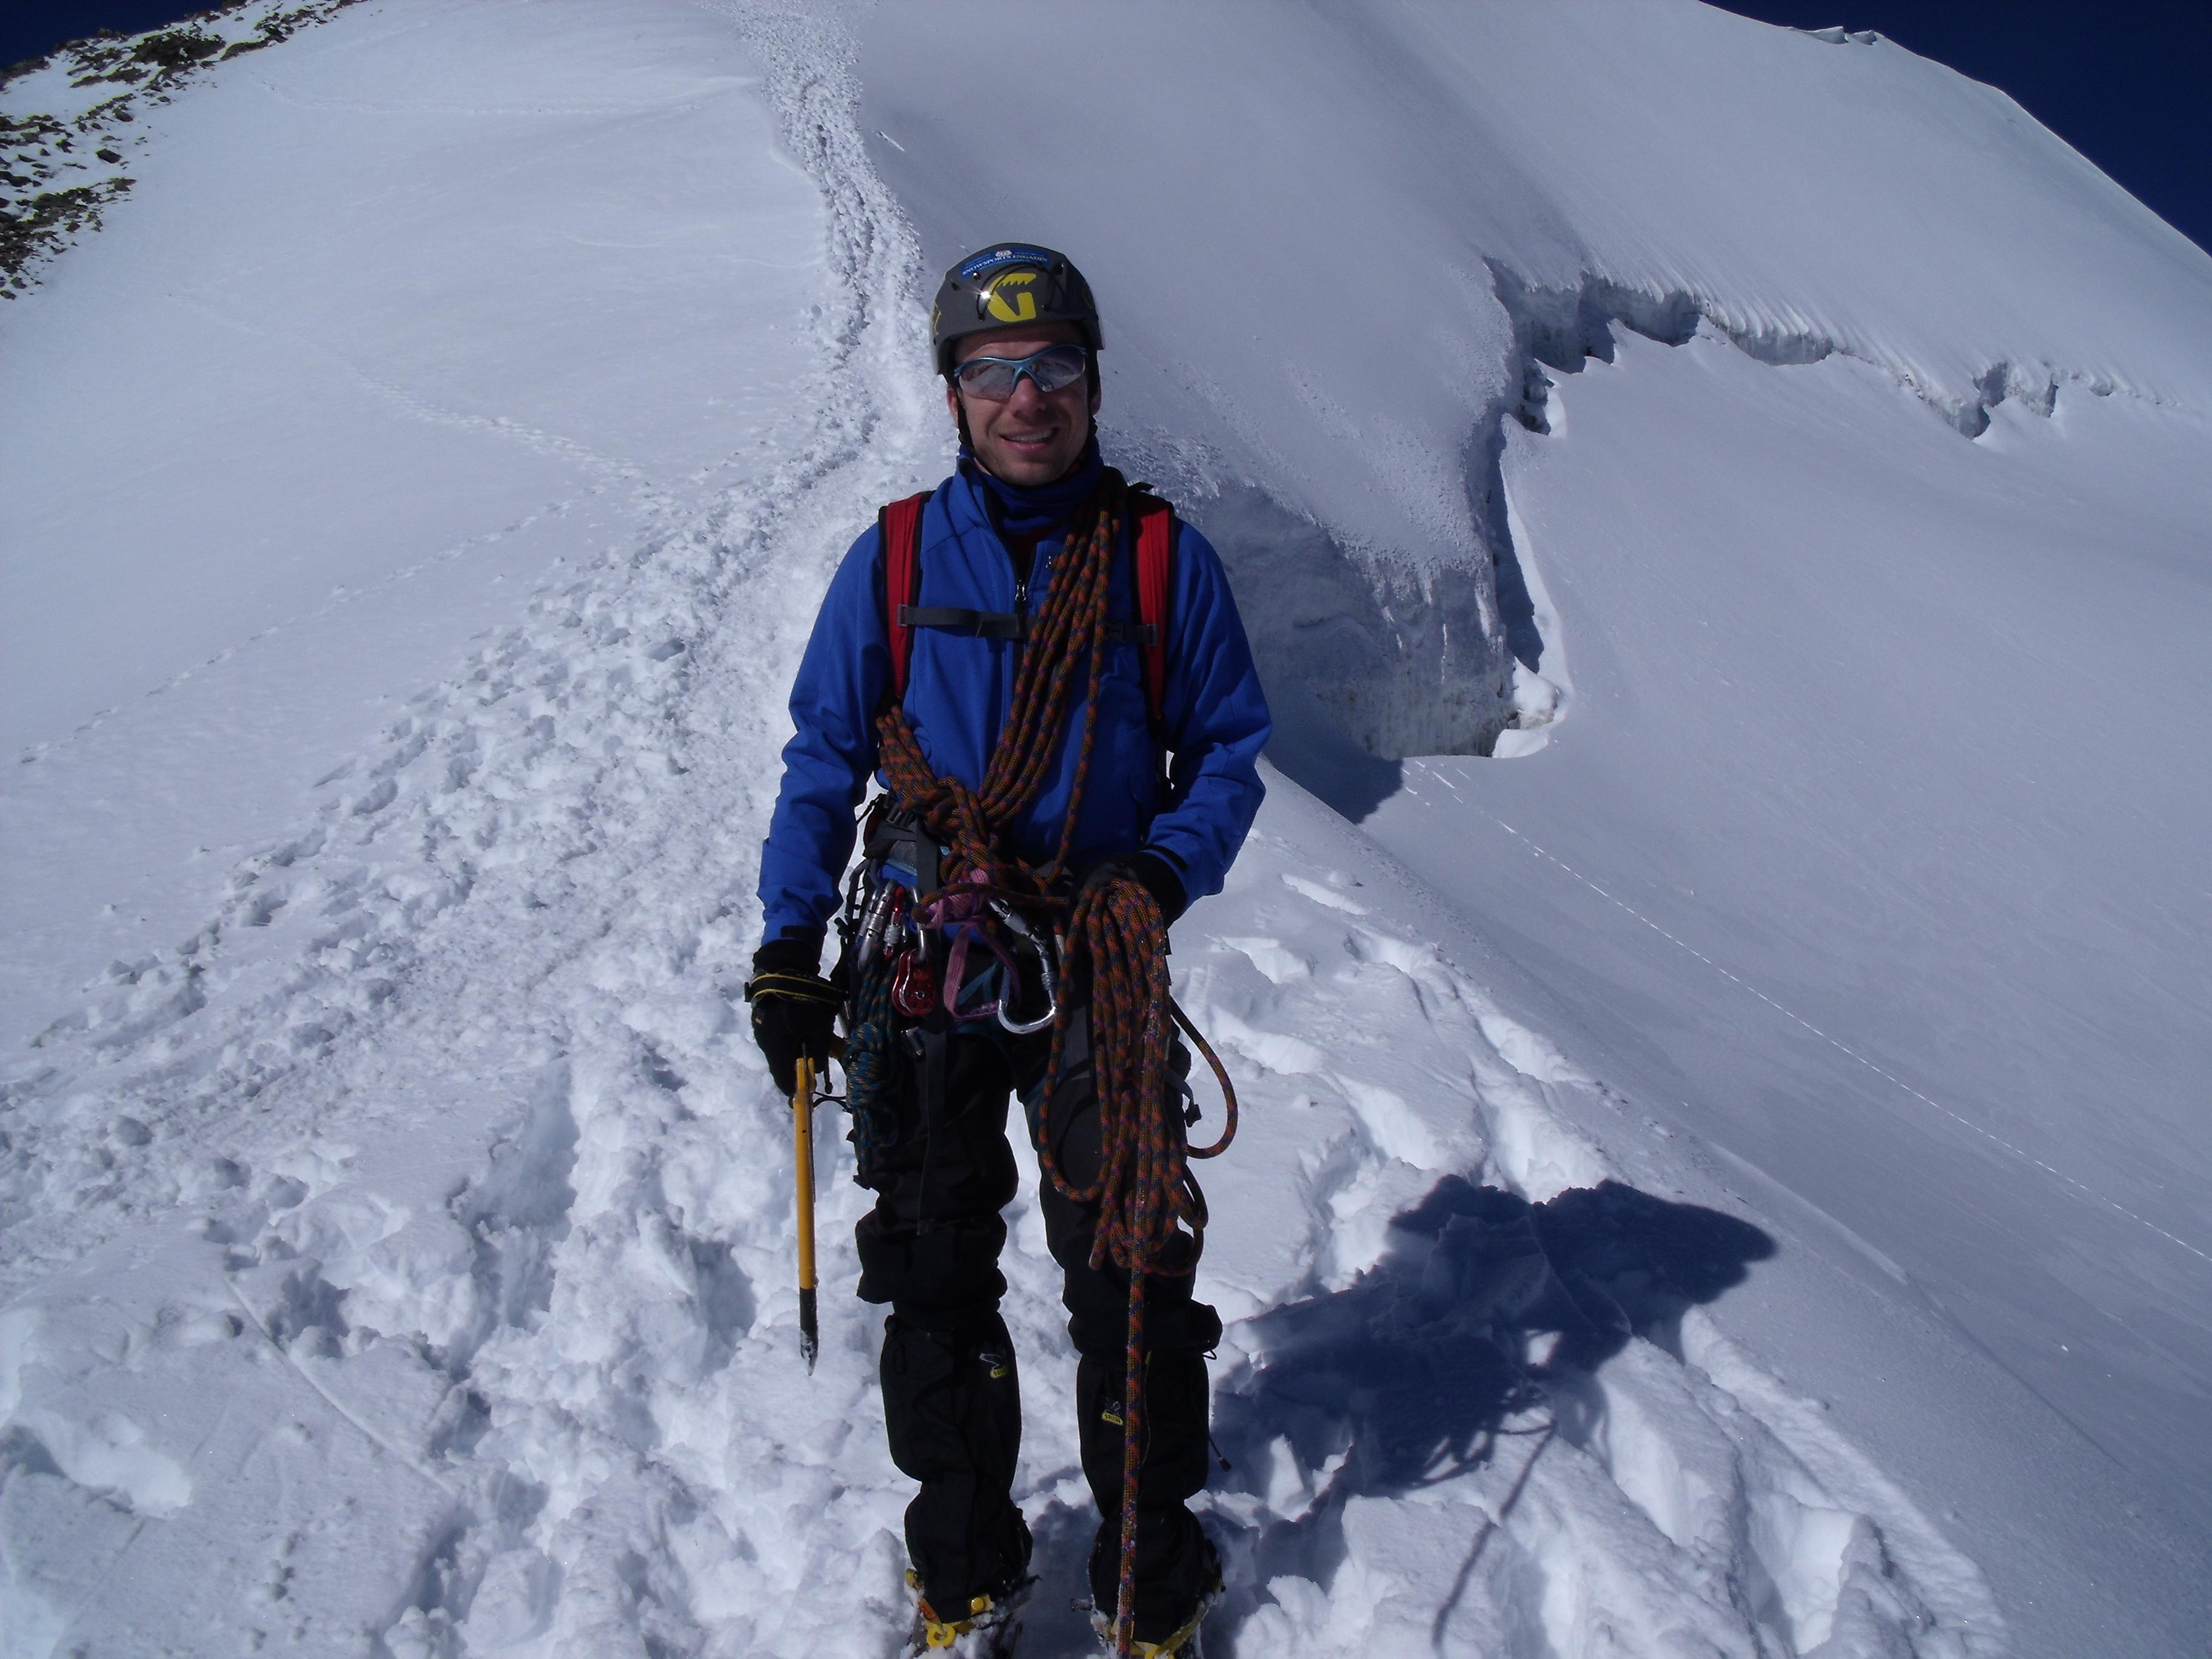 Bär Snowsports Engadin, Bike,- Berg- und Schneesportschule Slide 2